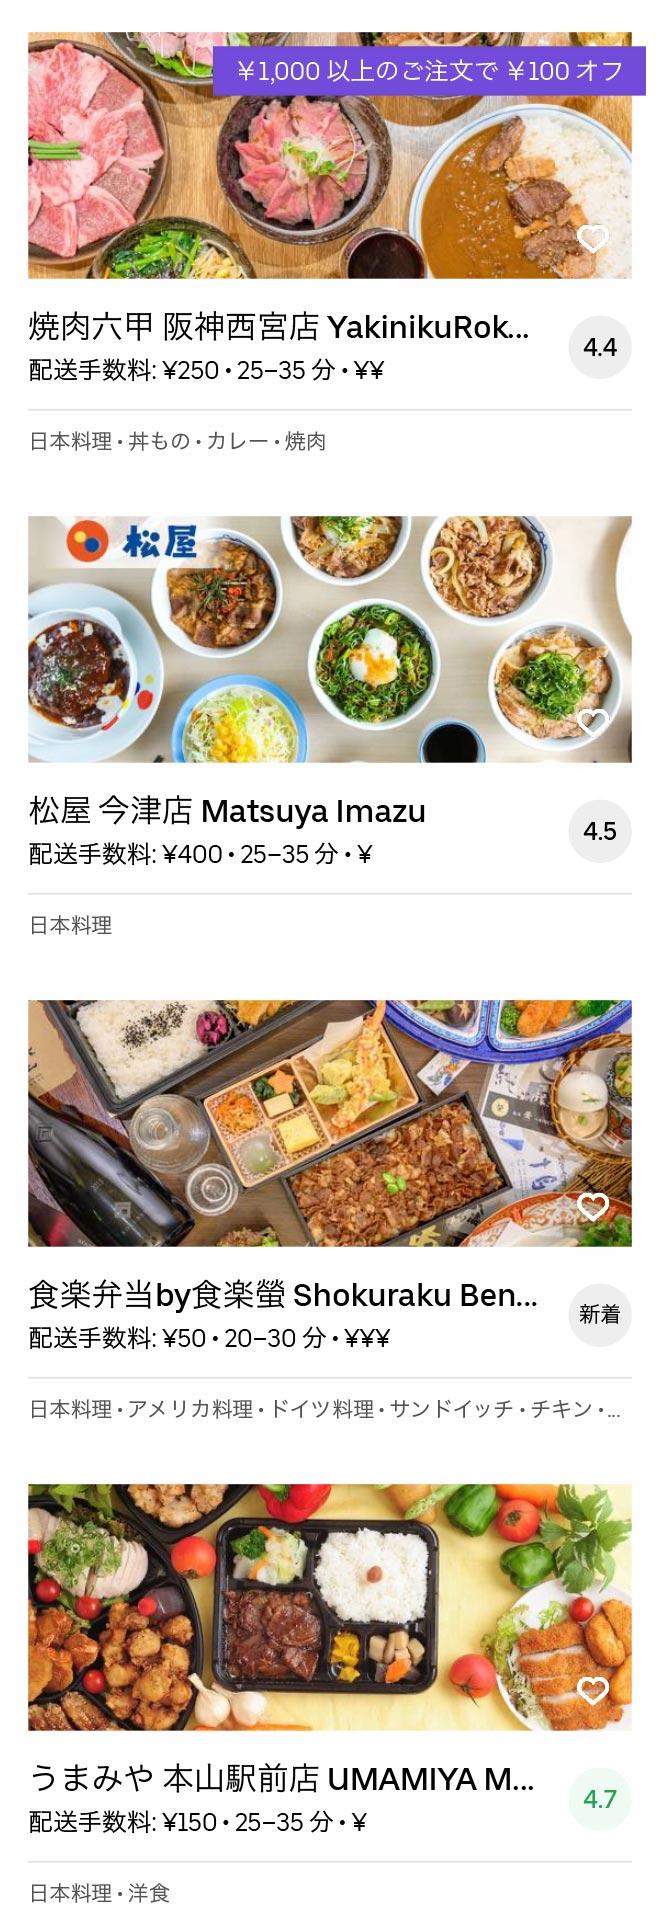 Hyogo ashiya menu 2005 11